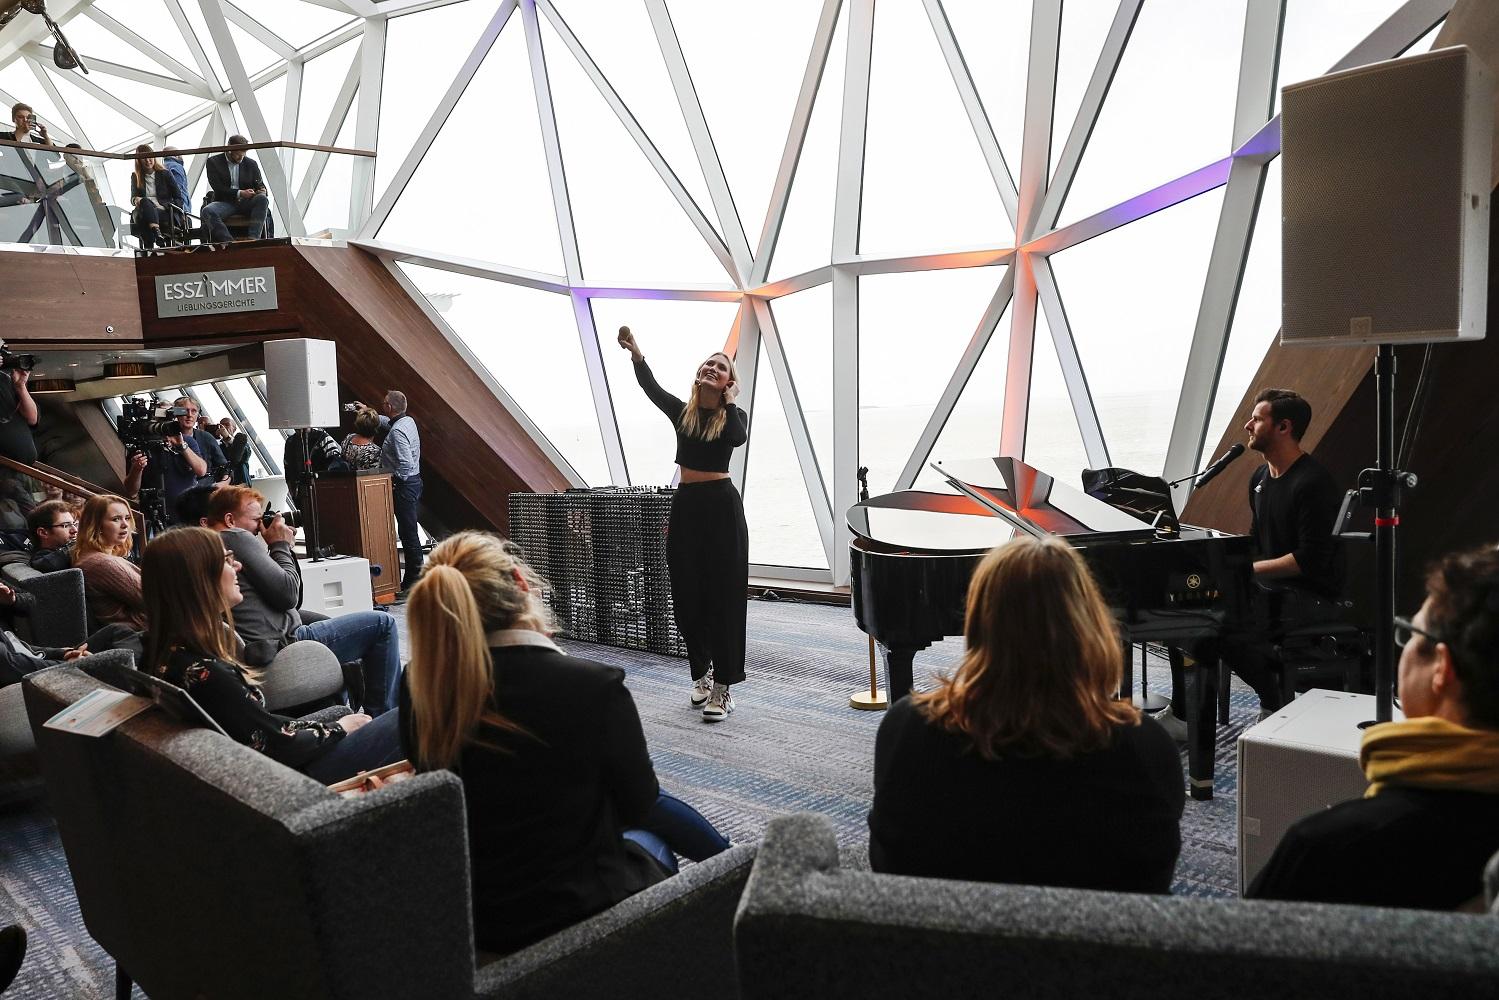 Taufpatin Carolin Niemczyck von Glasperlenspiel beim Esszimmer Konzert auf der neuen Mein Schiff 2 von TUI Cruises (Photo by Franziska Krug/Getty Images for TUI Cruises)